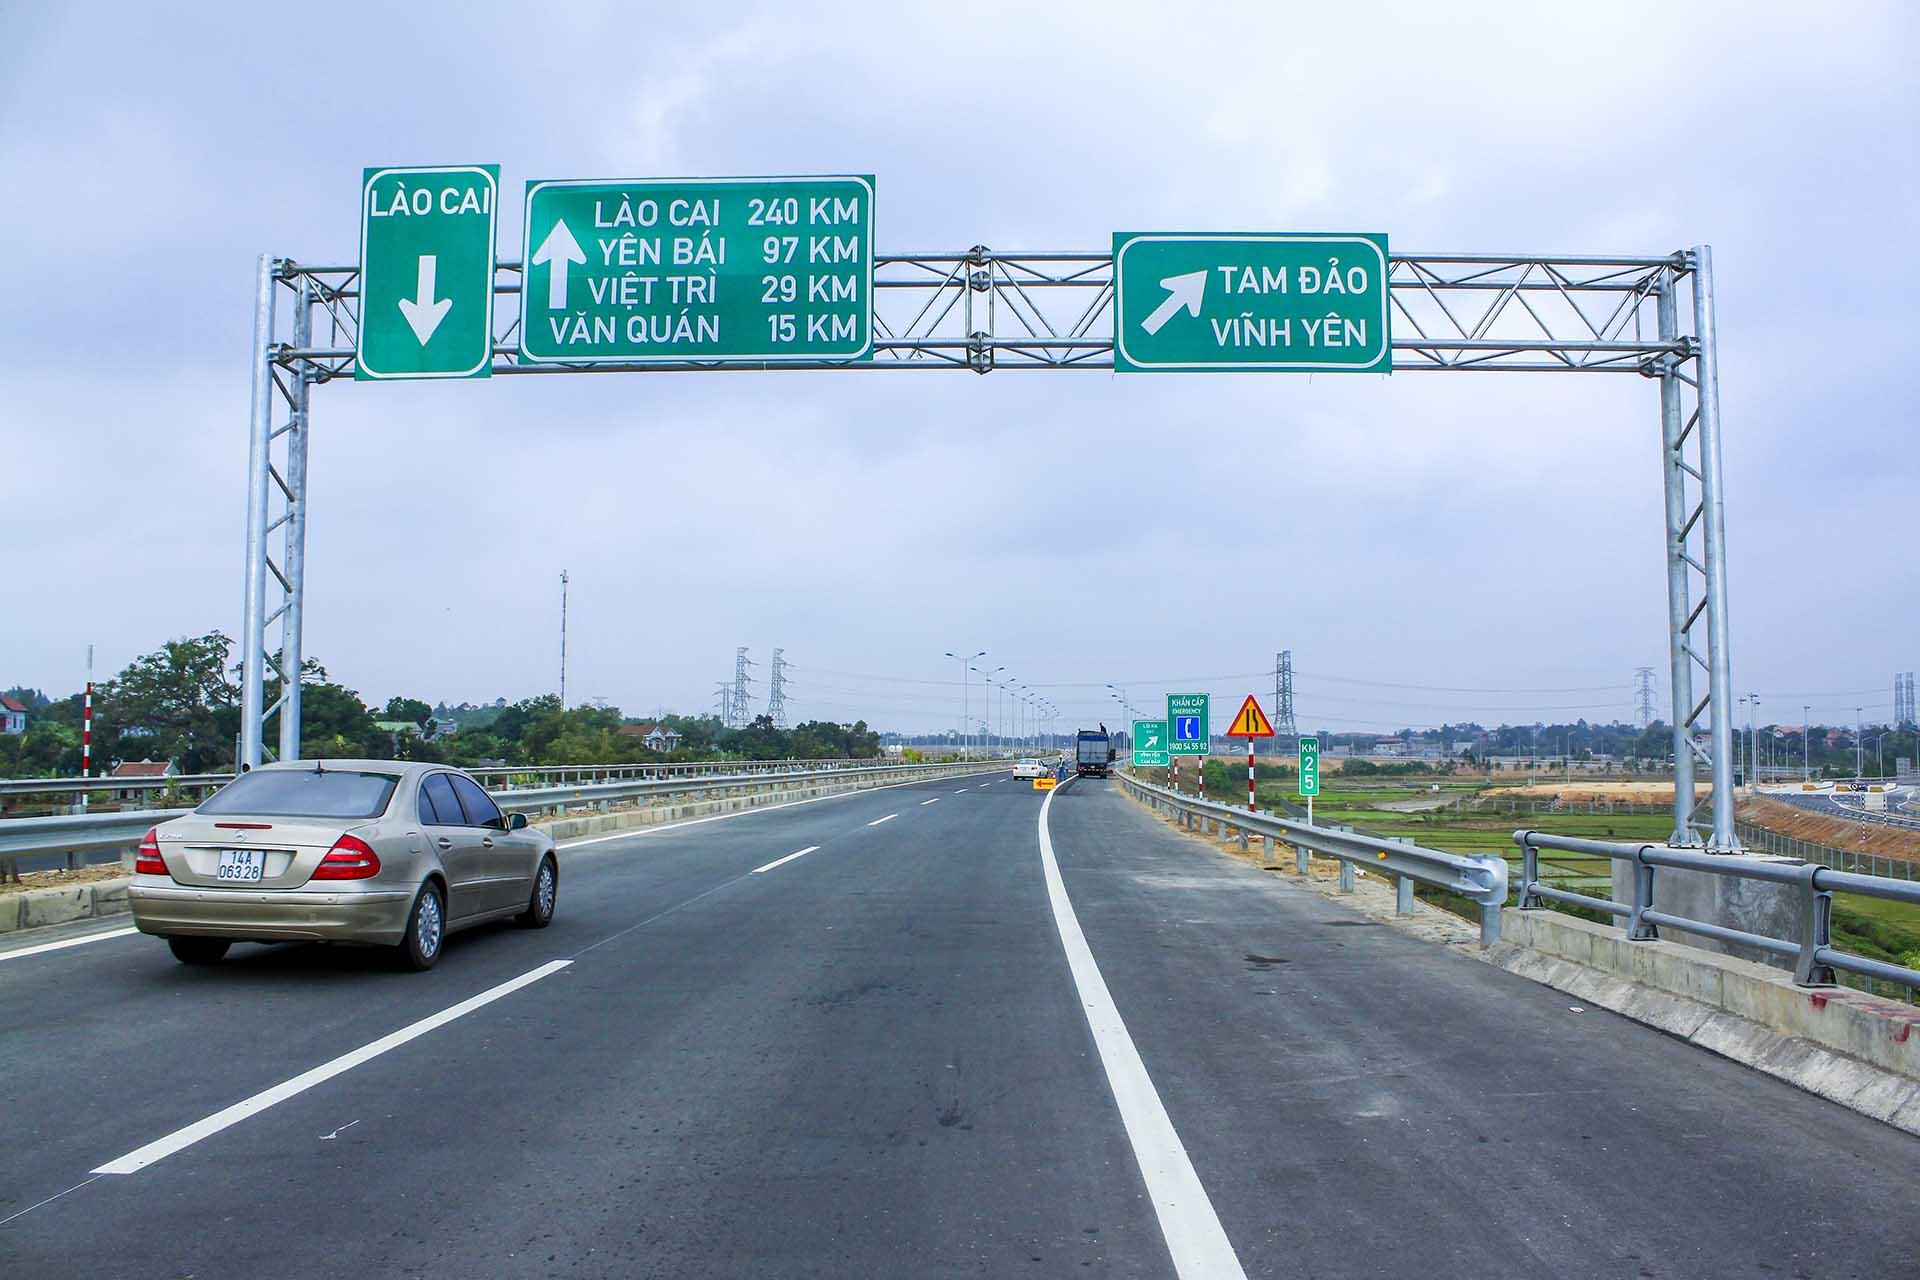 Đoạn đường Cao tốc rút ngắn quãng đường Hà Nội - Thiên Đức hơn 1 giờ đồng hồ